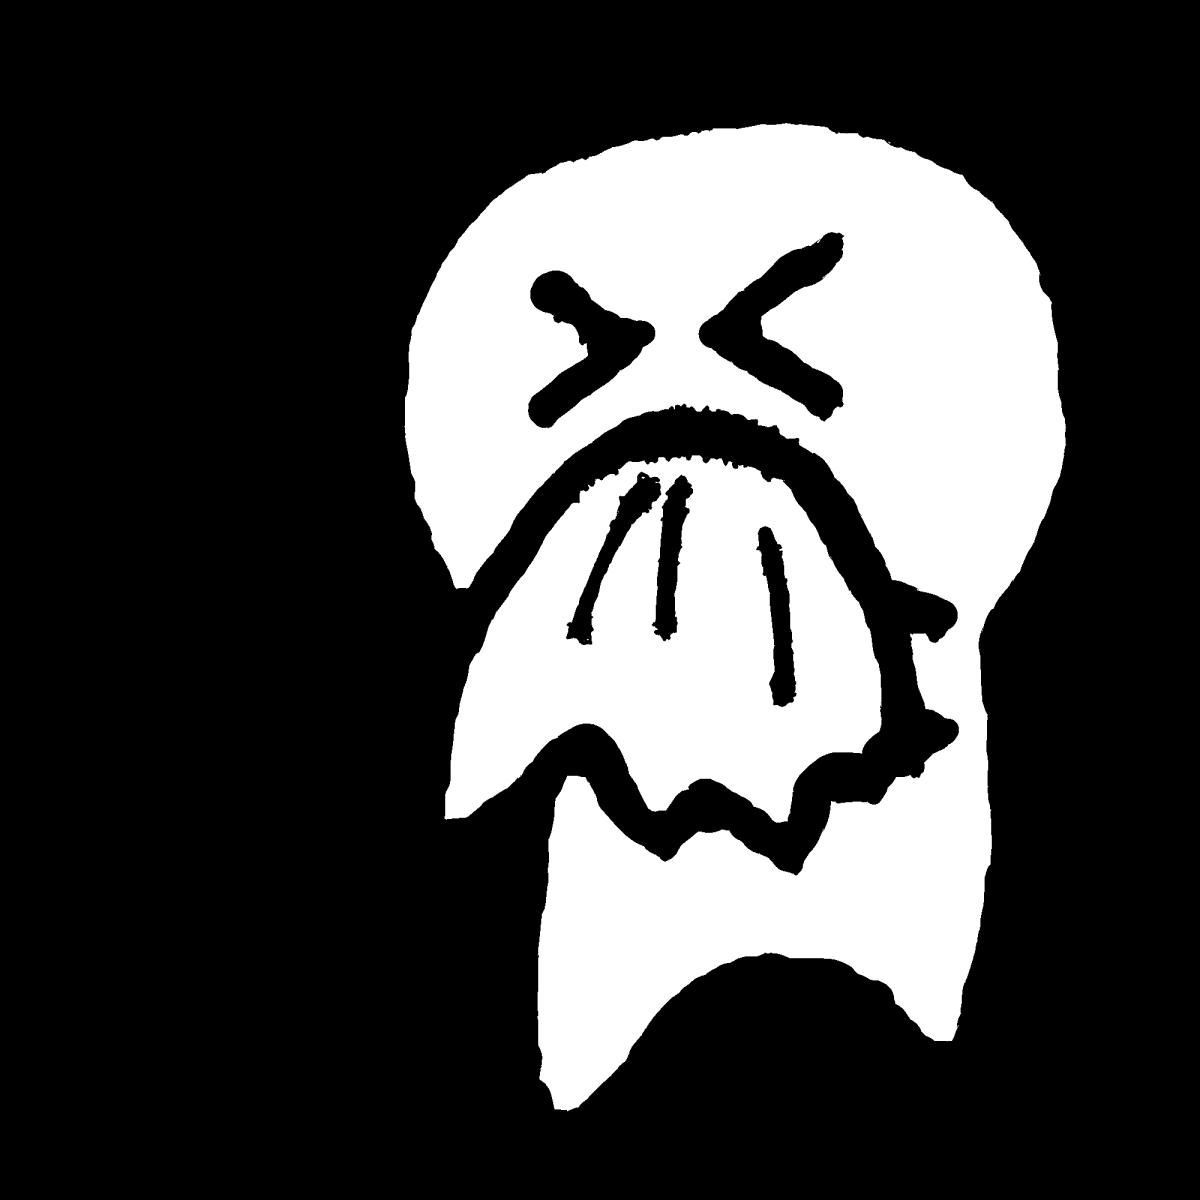 鼻をかむ(字なし有)のイラスト / Blow nose Illustration